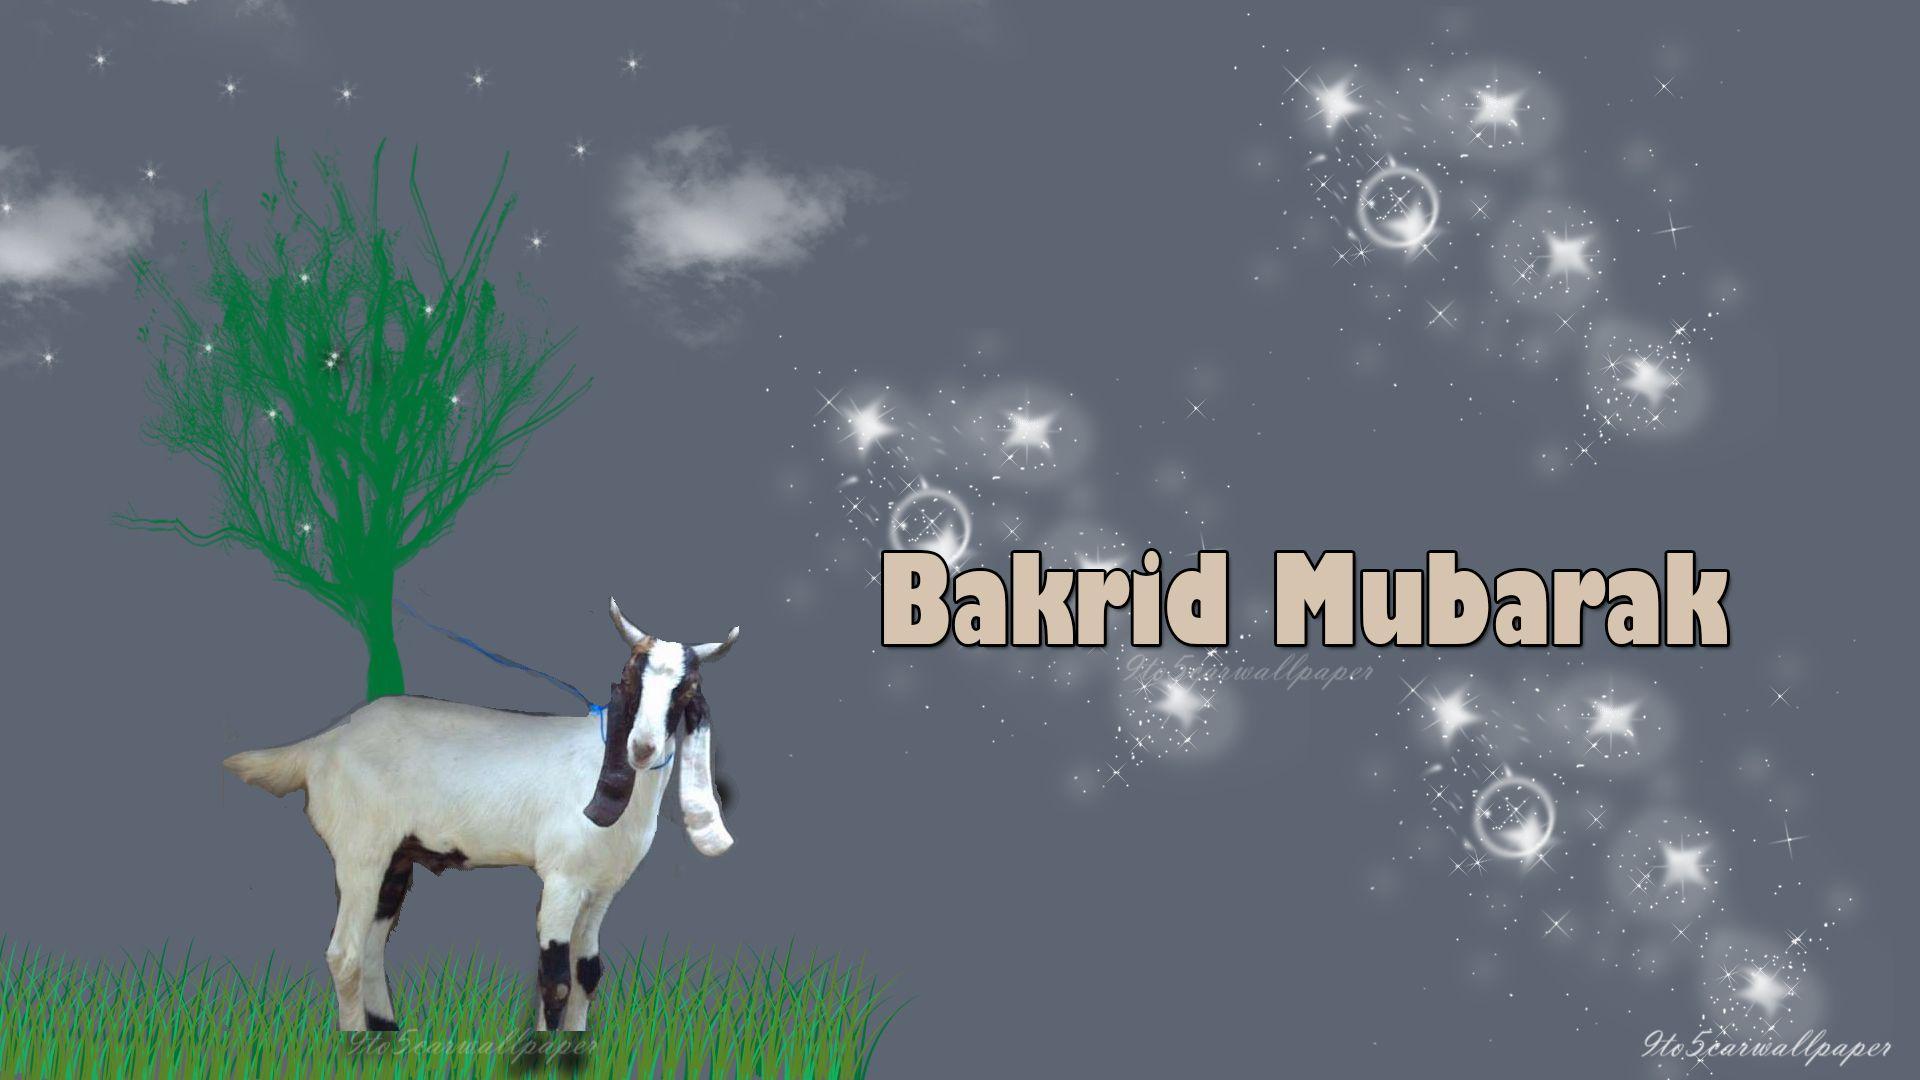 Happy Eid Ul Adha Bakra Eid Eid Ul Adha Happy Eid Happy Eid Al Adha